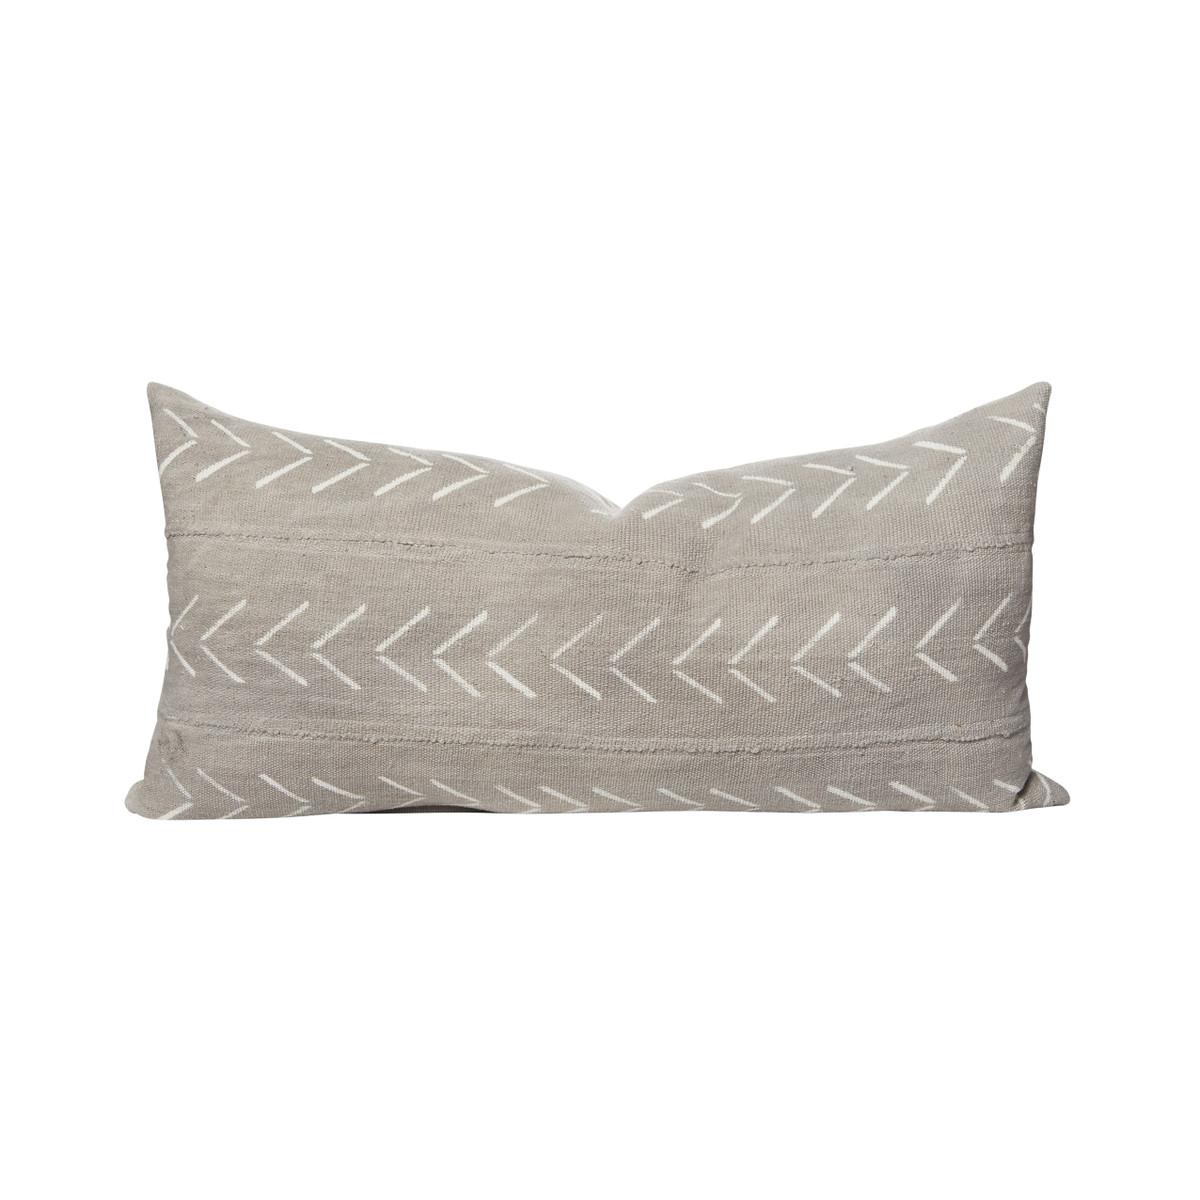 Ace Gray Arrow Mud Cloth Lumbar Pillow 14 x27 - Front